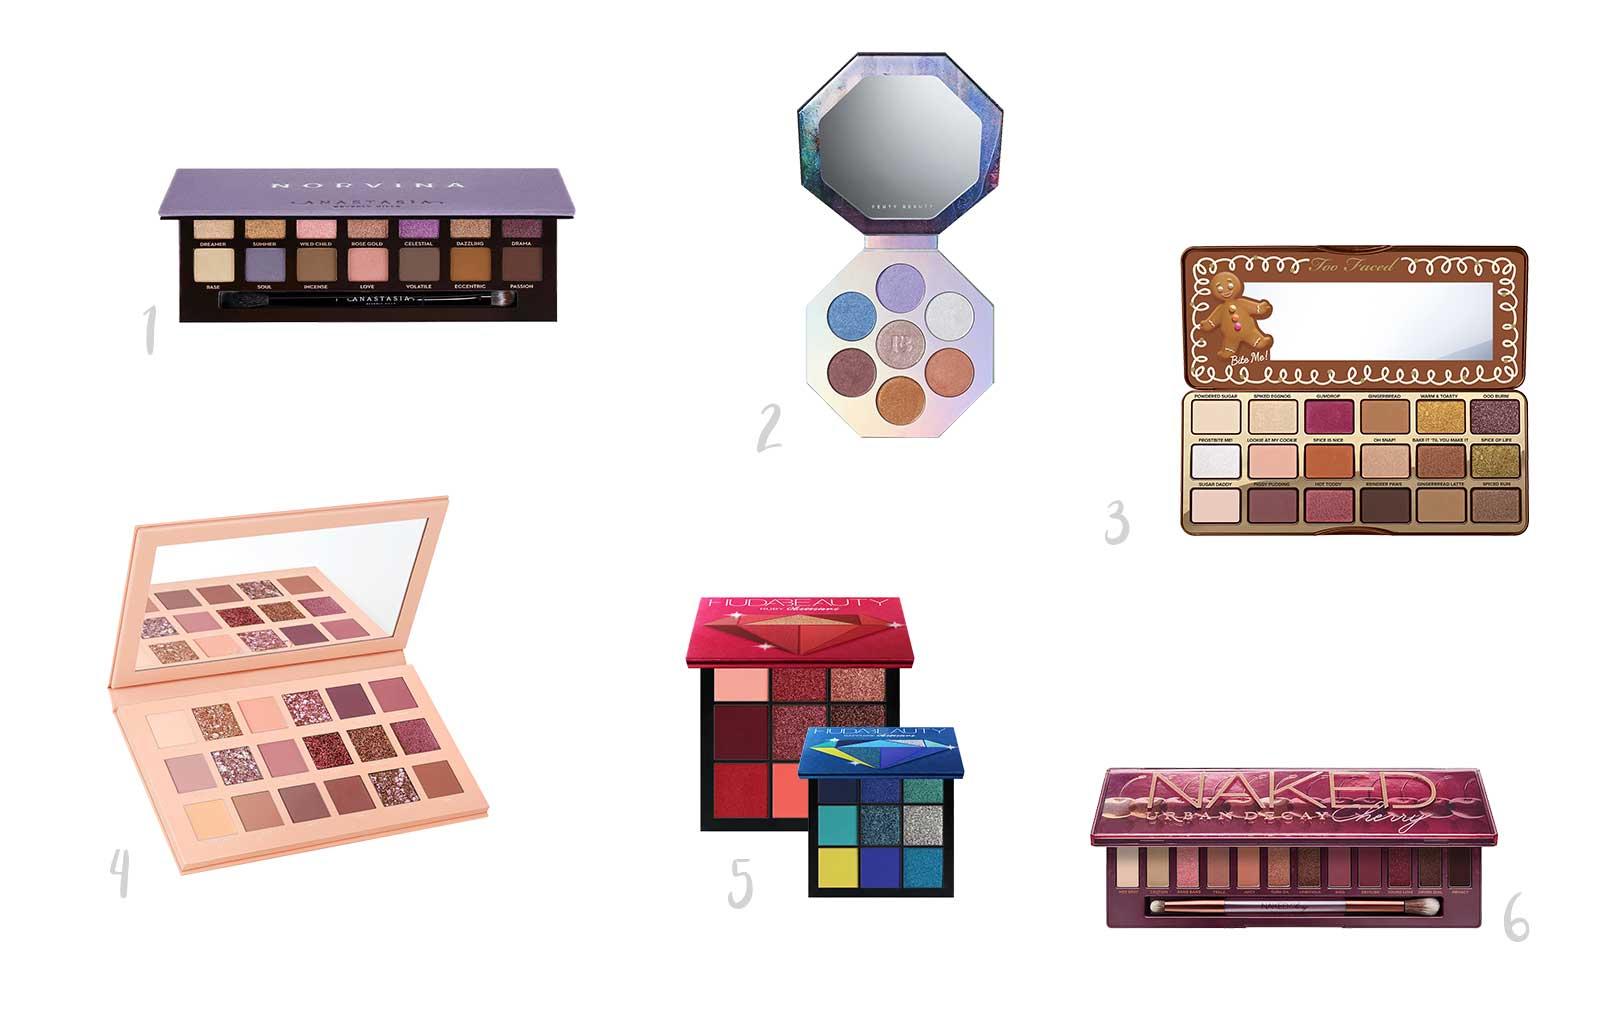 Noël idées cadeaux beauty addict palettes